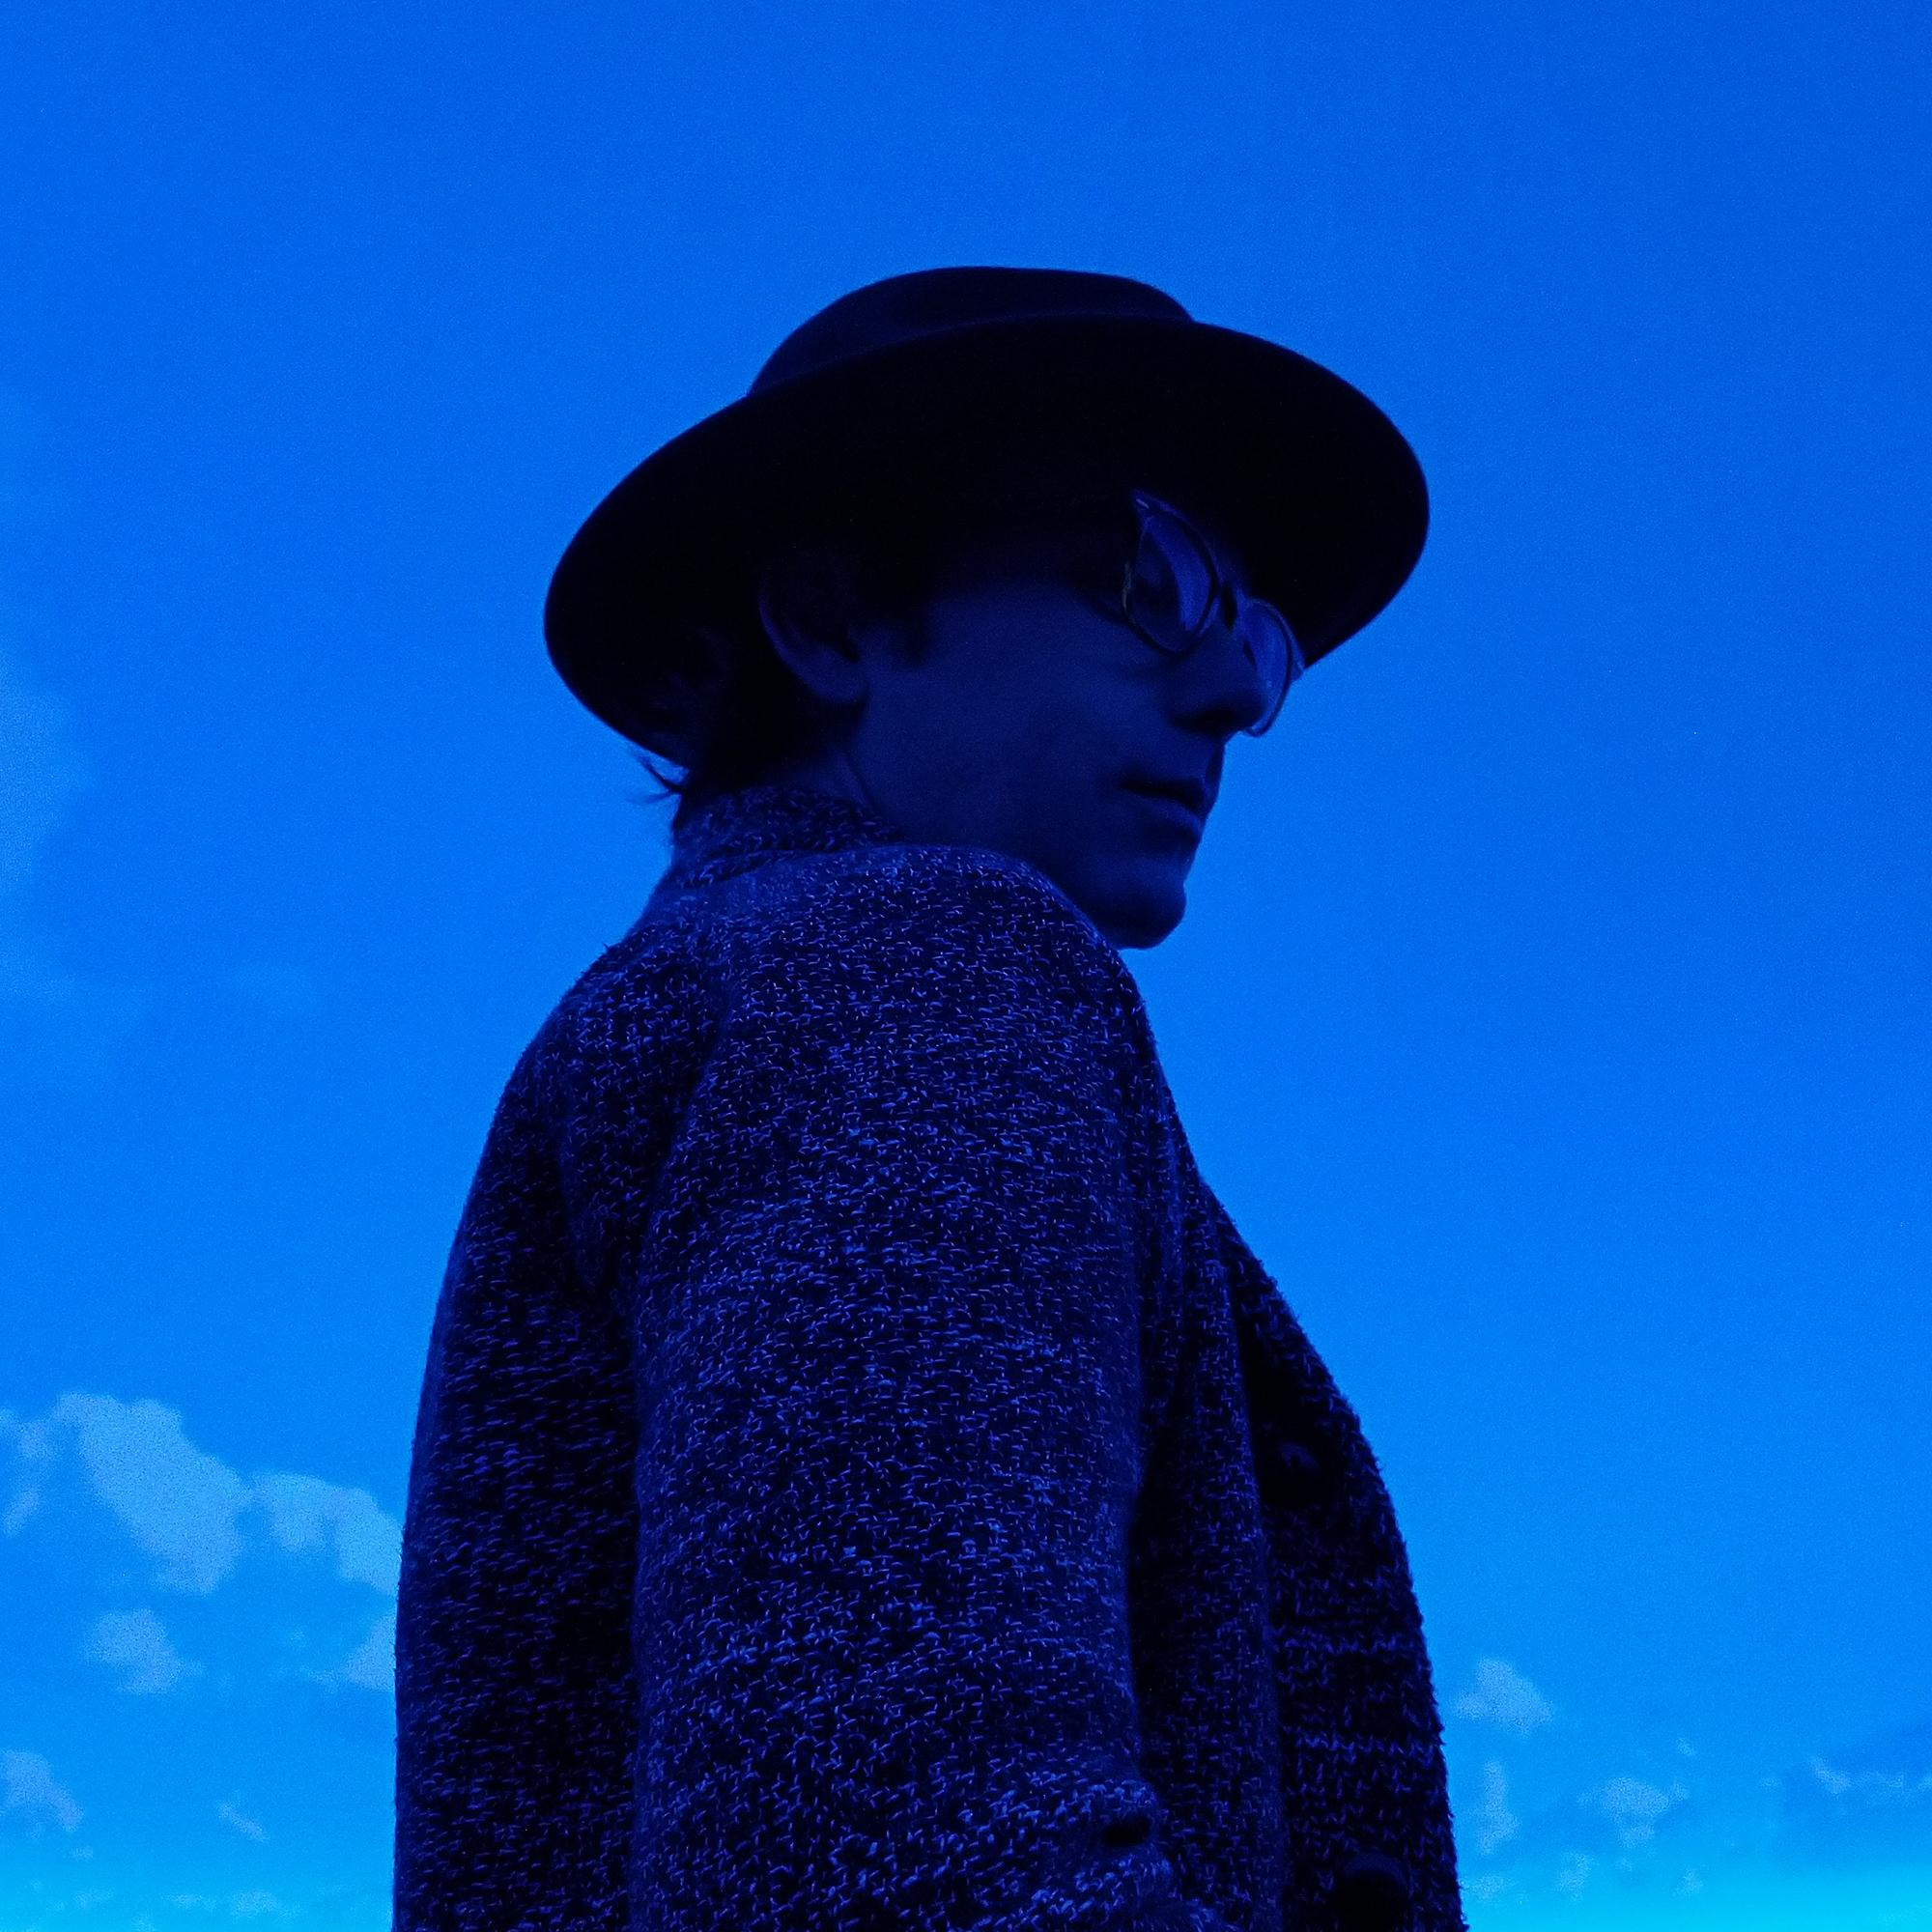 graham-best-album-cover-art-kat-kaye.jpg